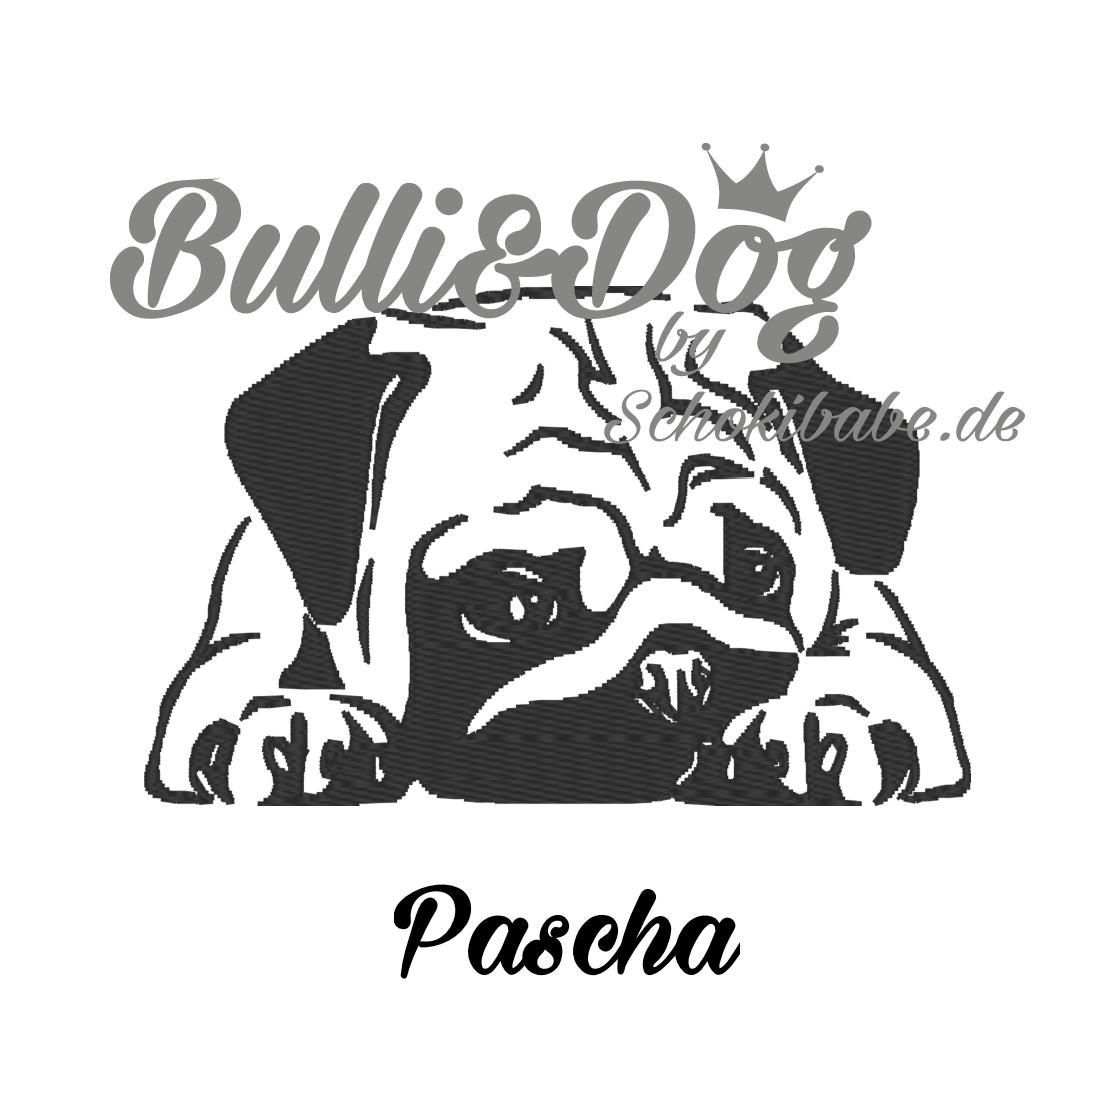 Pascha_7x4-Kopie5b5c23140163c